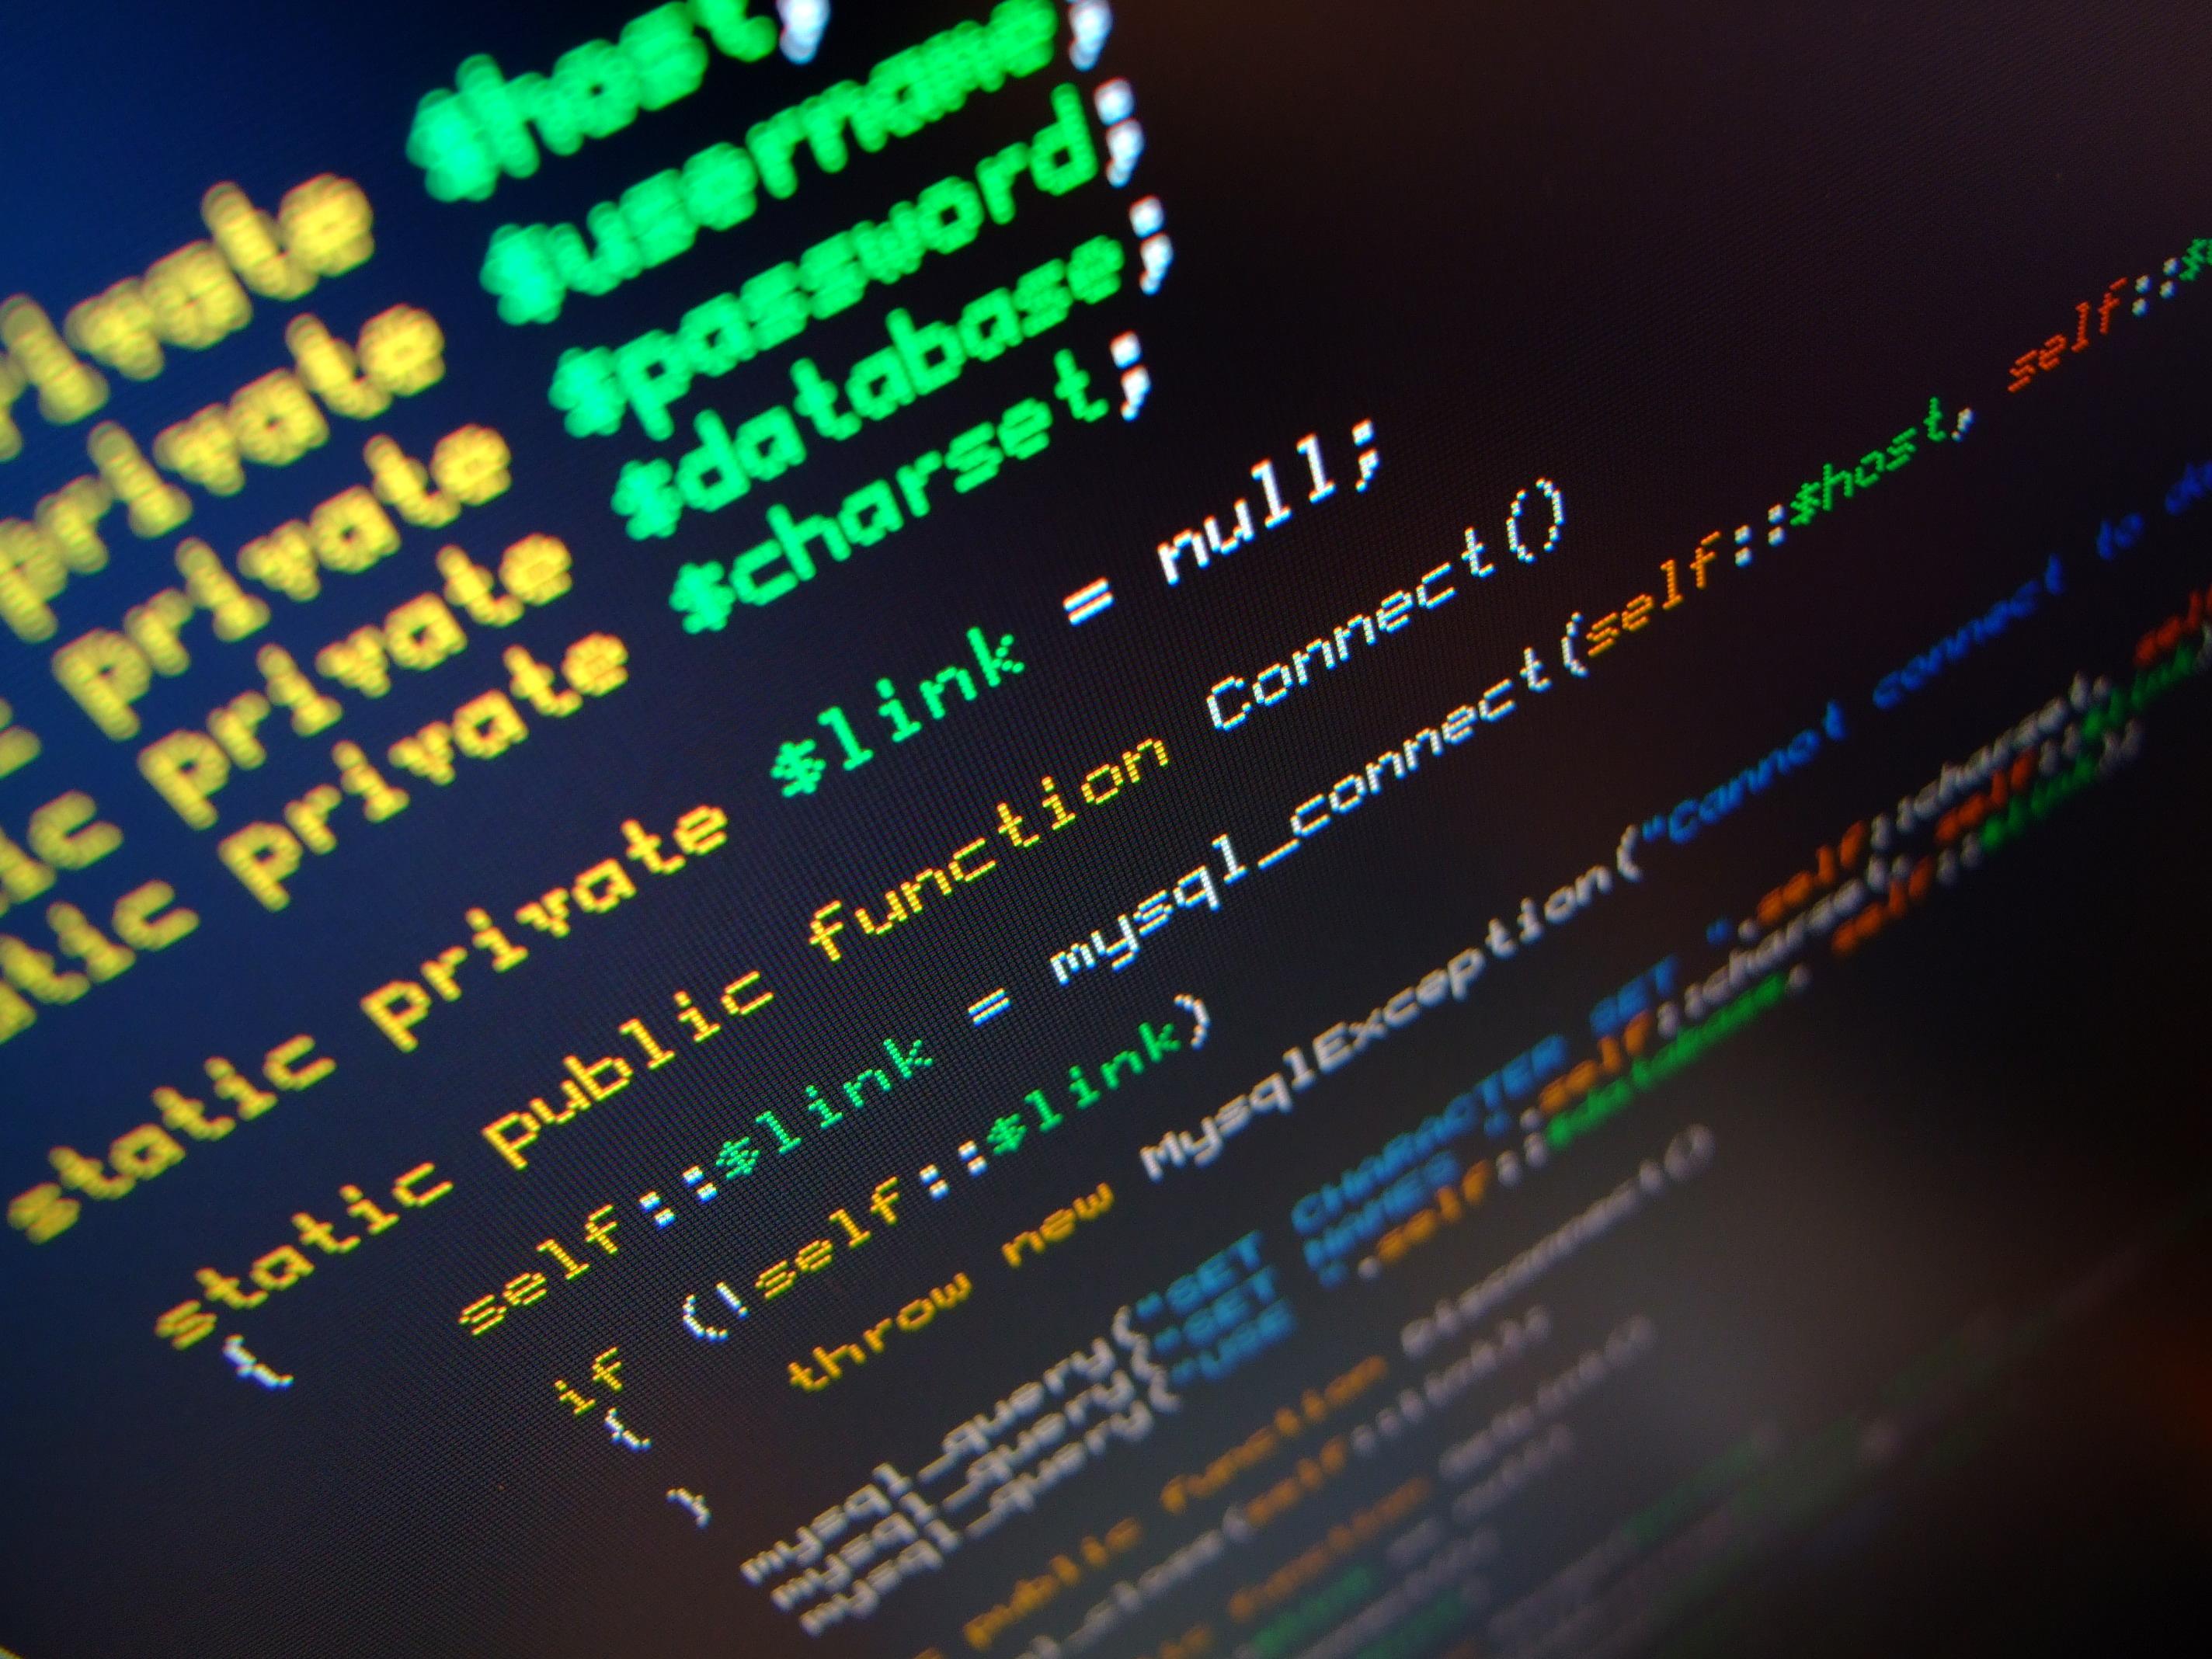 Code Computer Wallpapers Desktop Backgrounds 2848x2136 ID176123 2848x2136